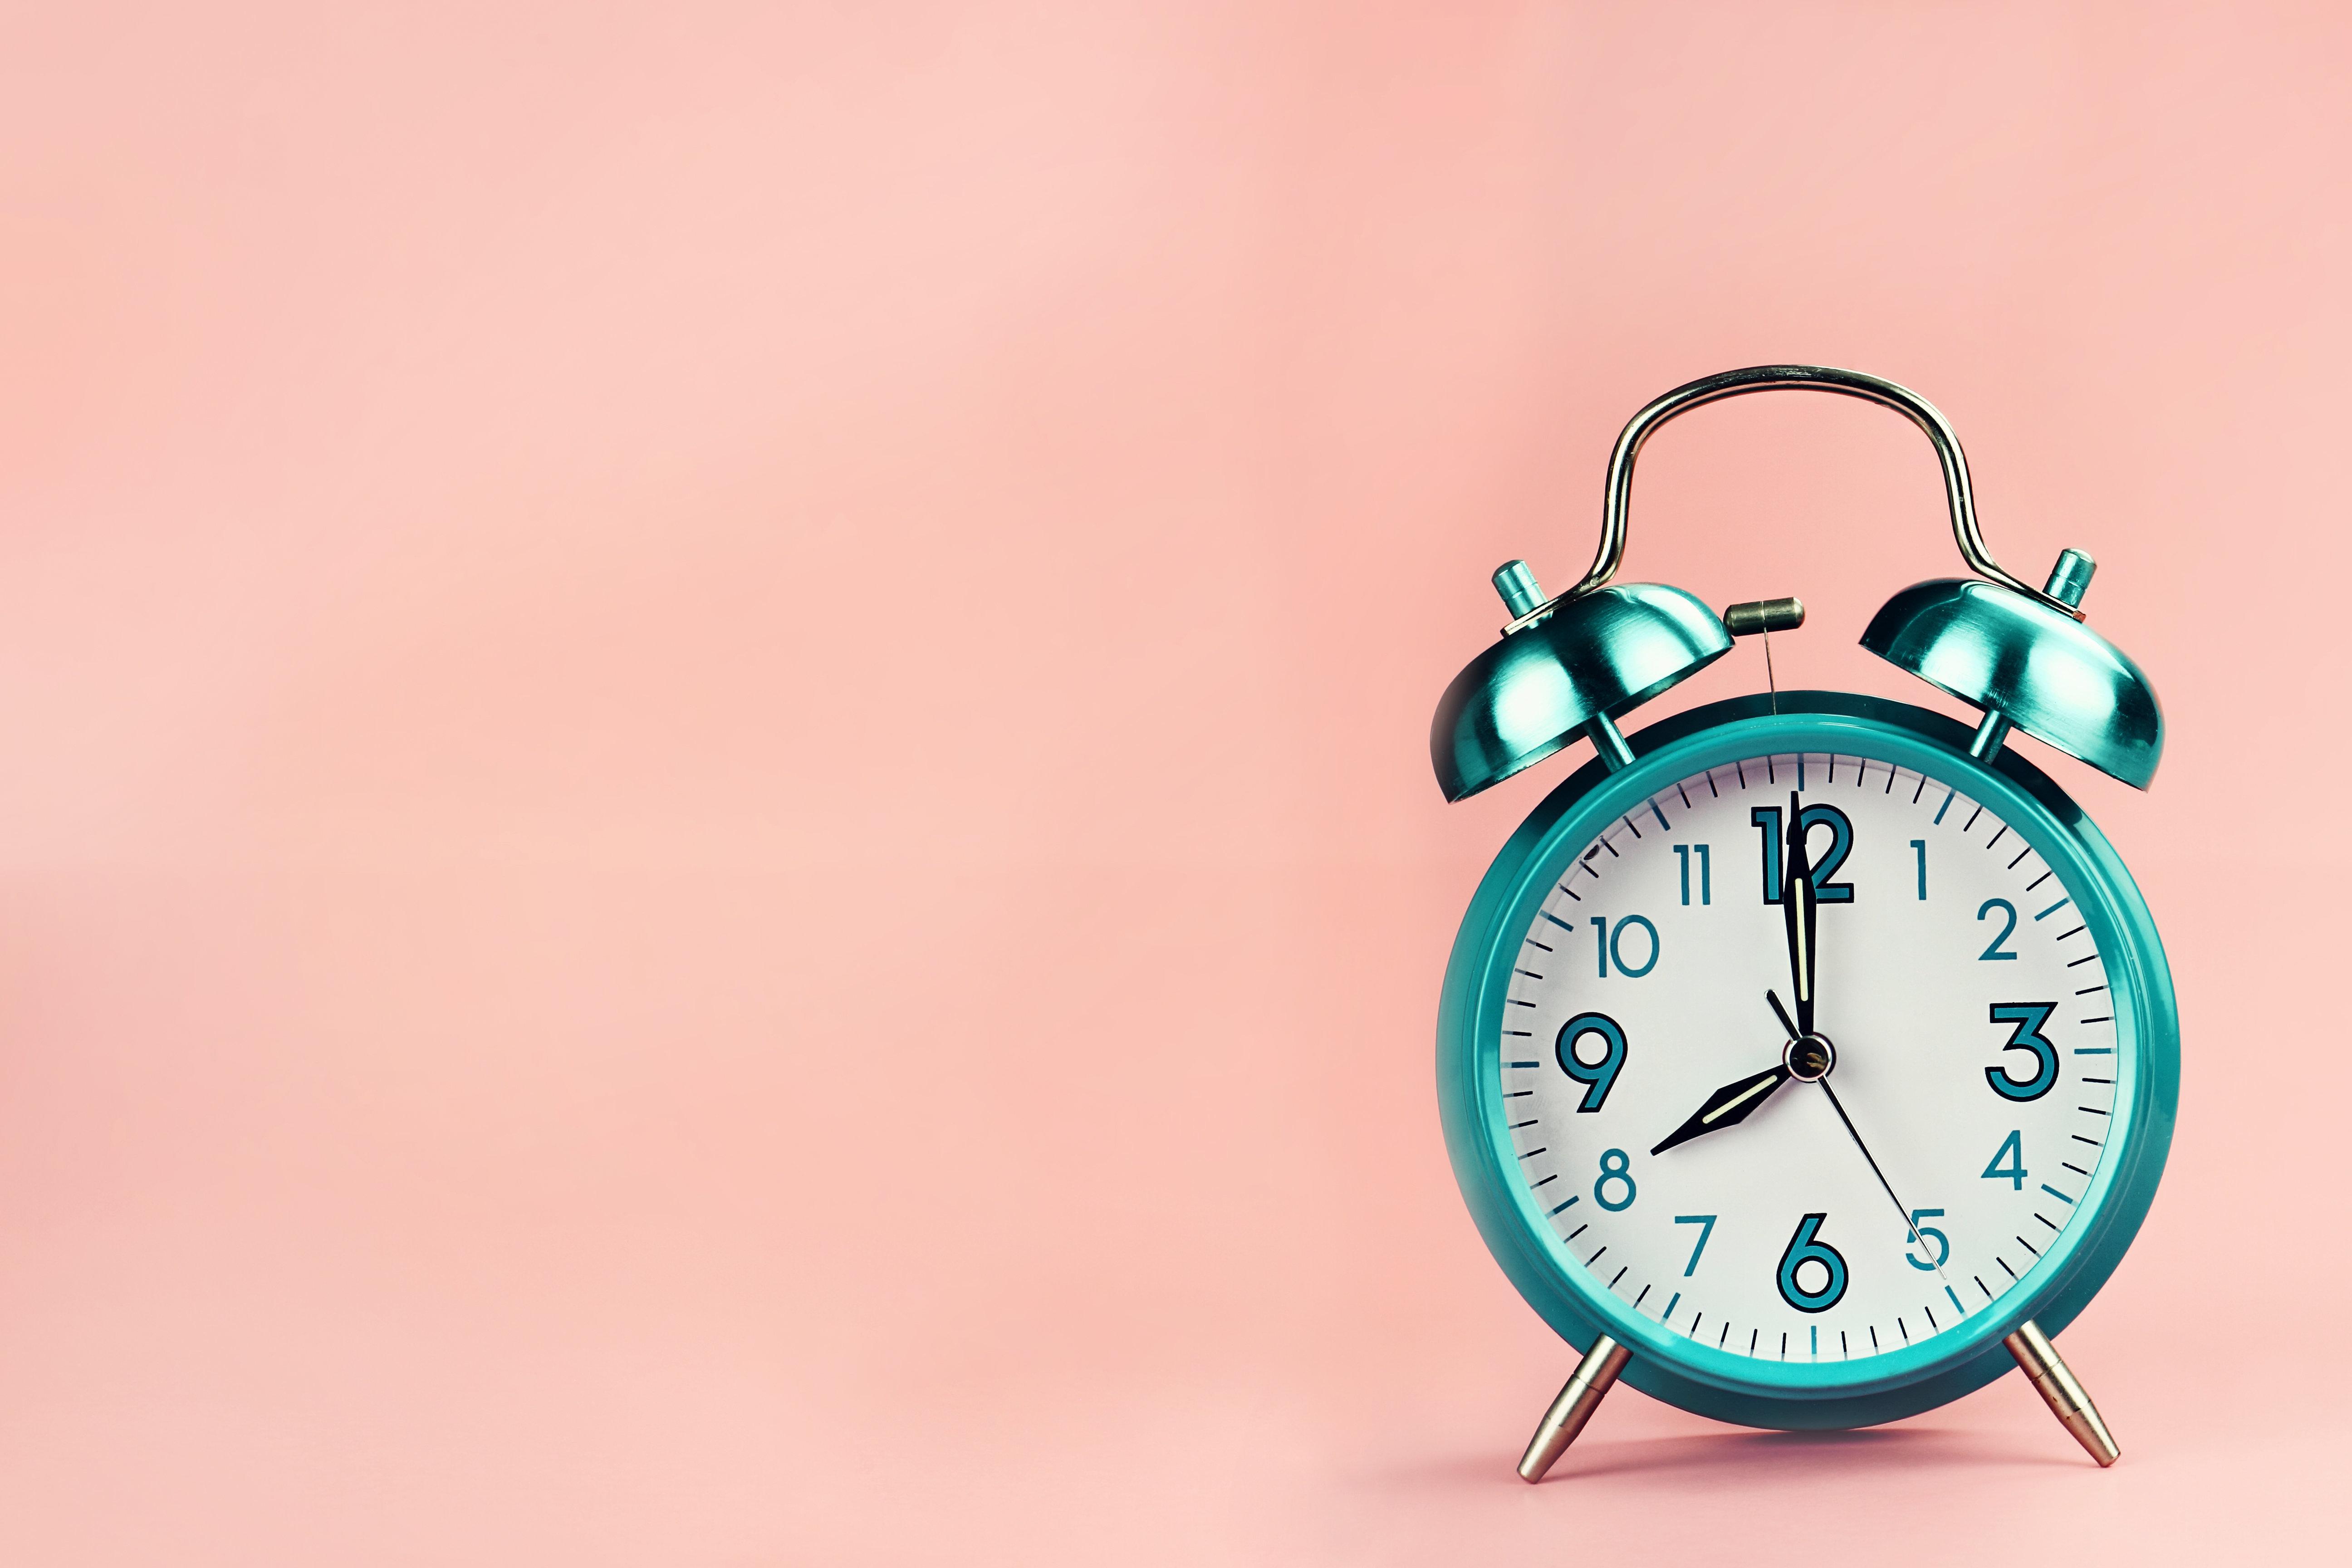 Η ώρα σταματά να αλλάζει, αλλά θα διατηρηθεί η θερινή ή η χειμερινή; Την απάντηση δίνει η